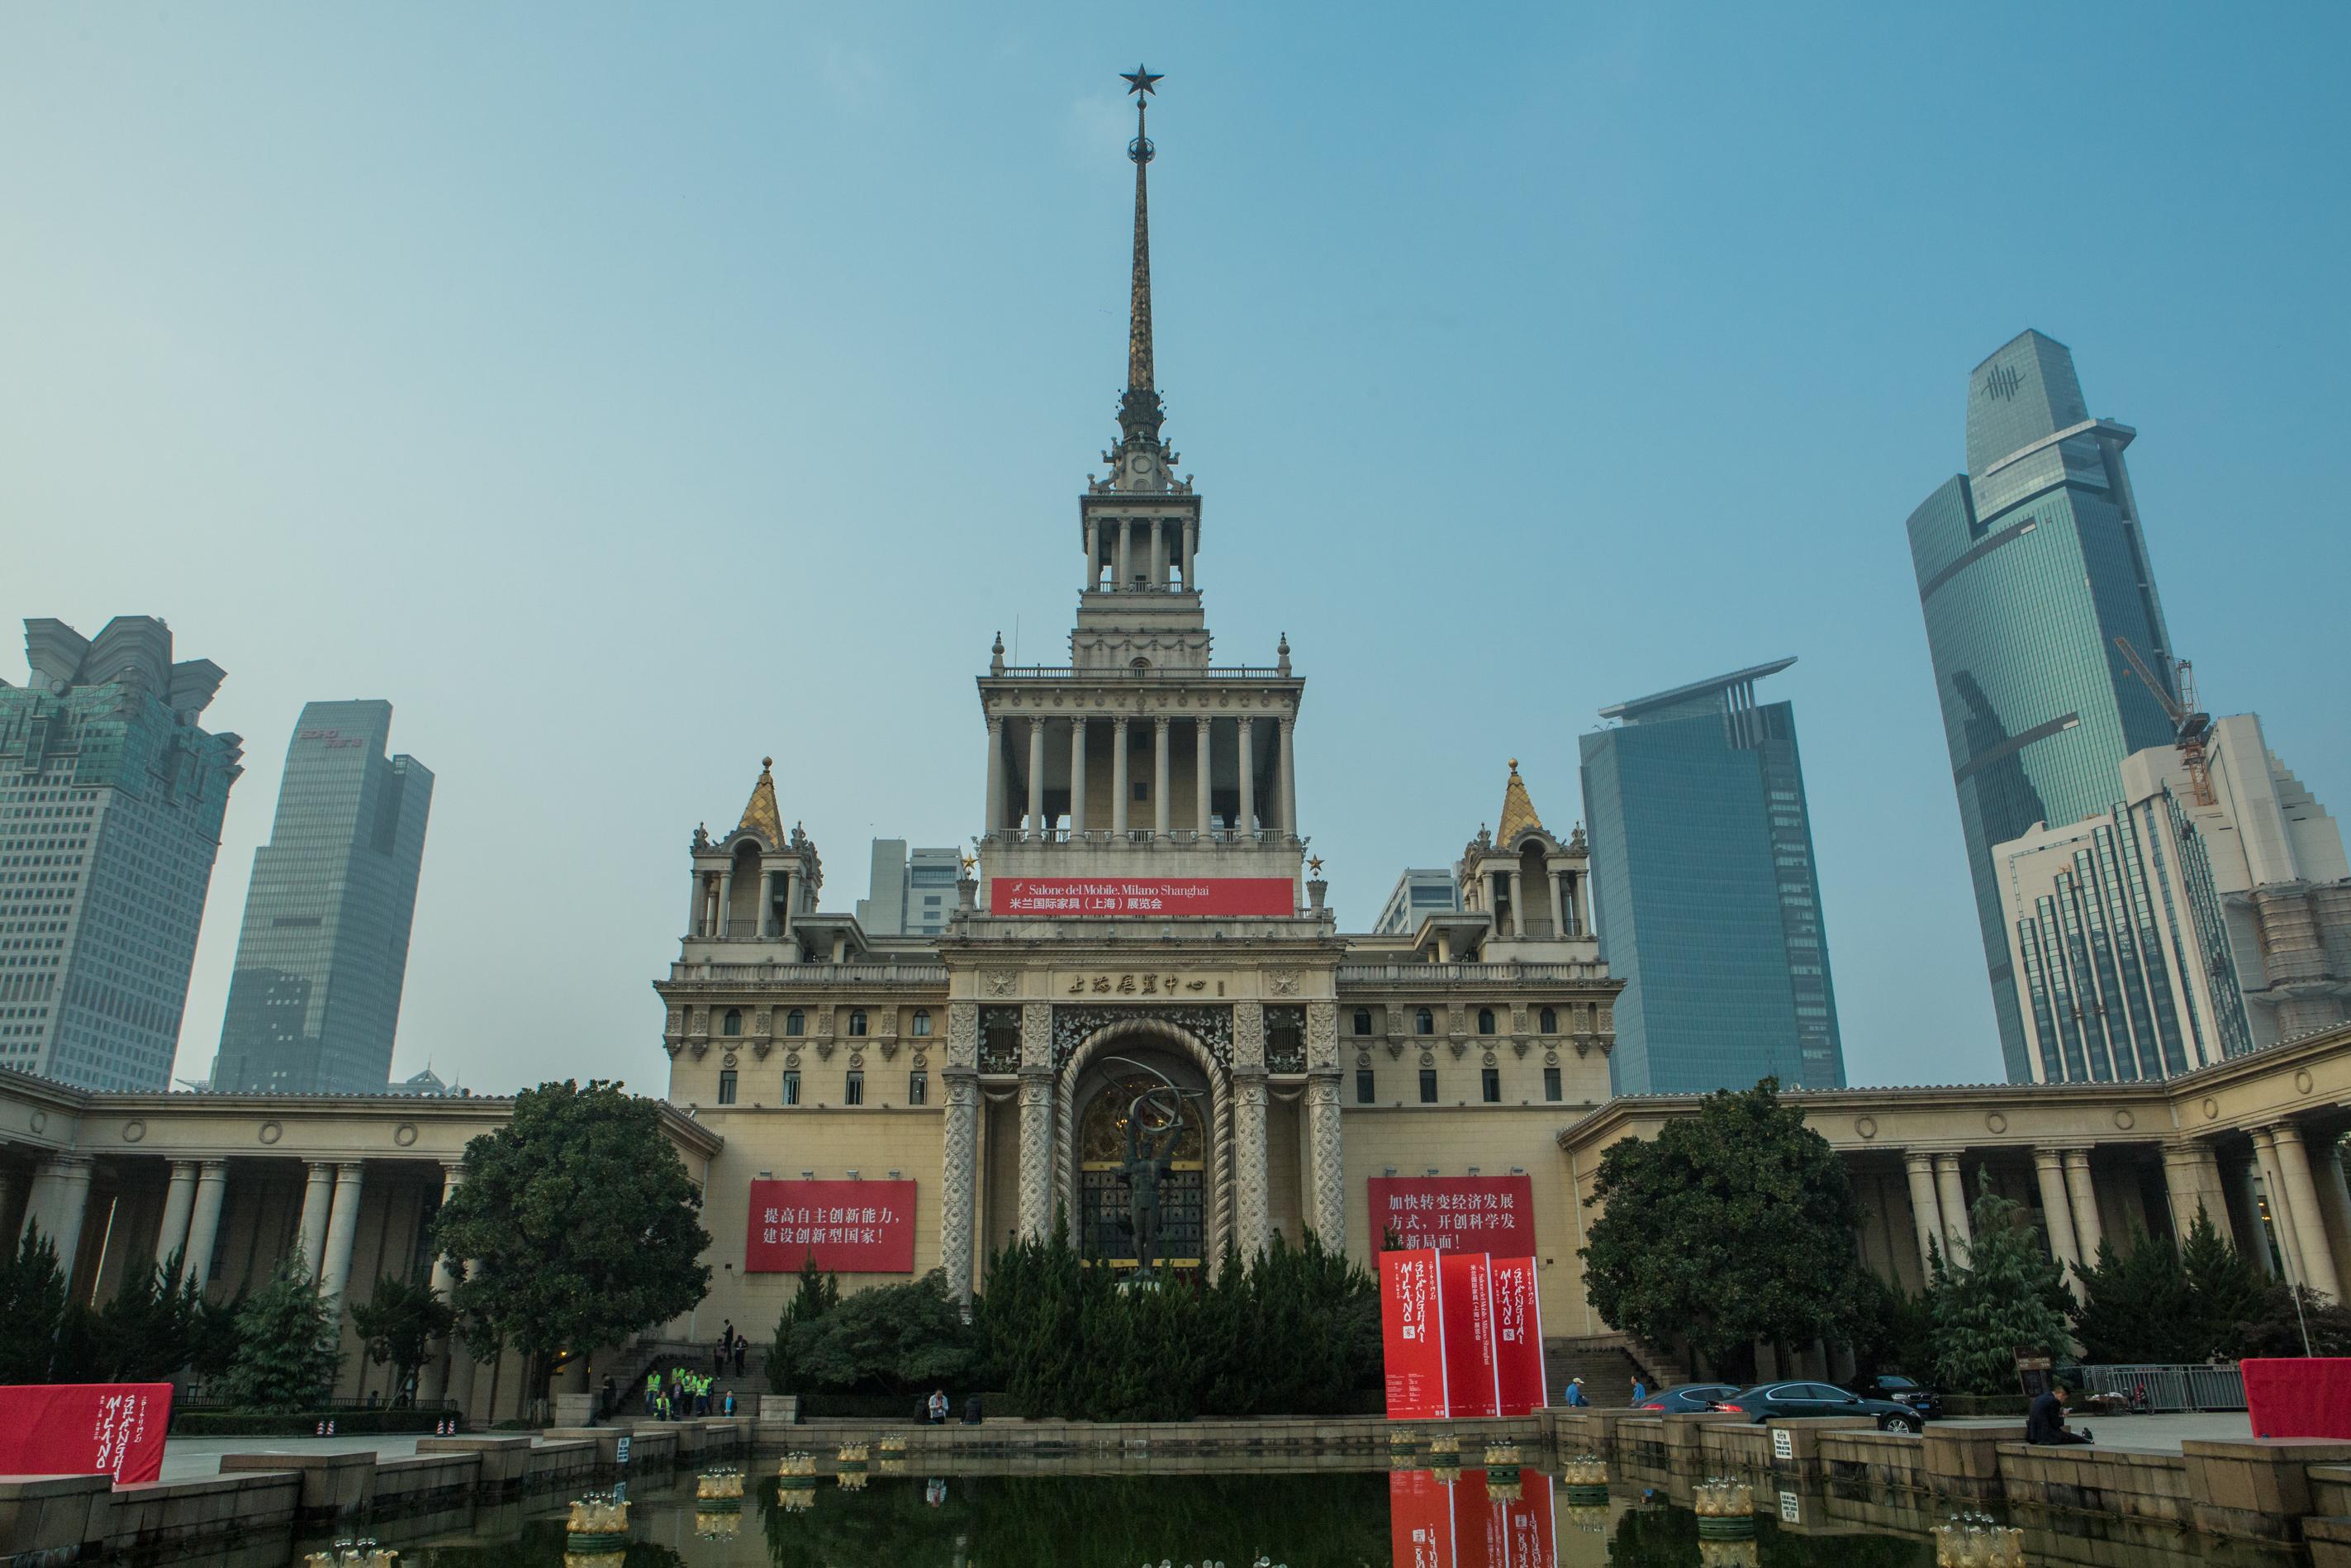 Il salone del mobile di milano arriva a shanghai stage for Il salone del mobile